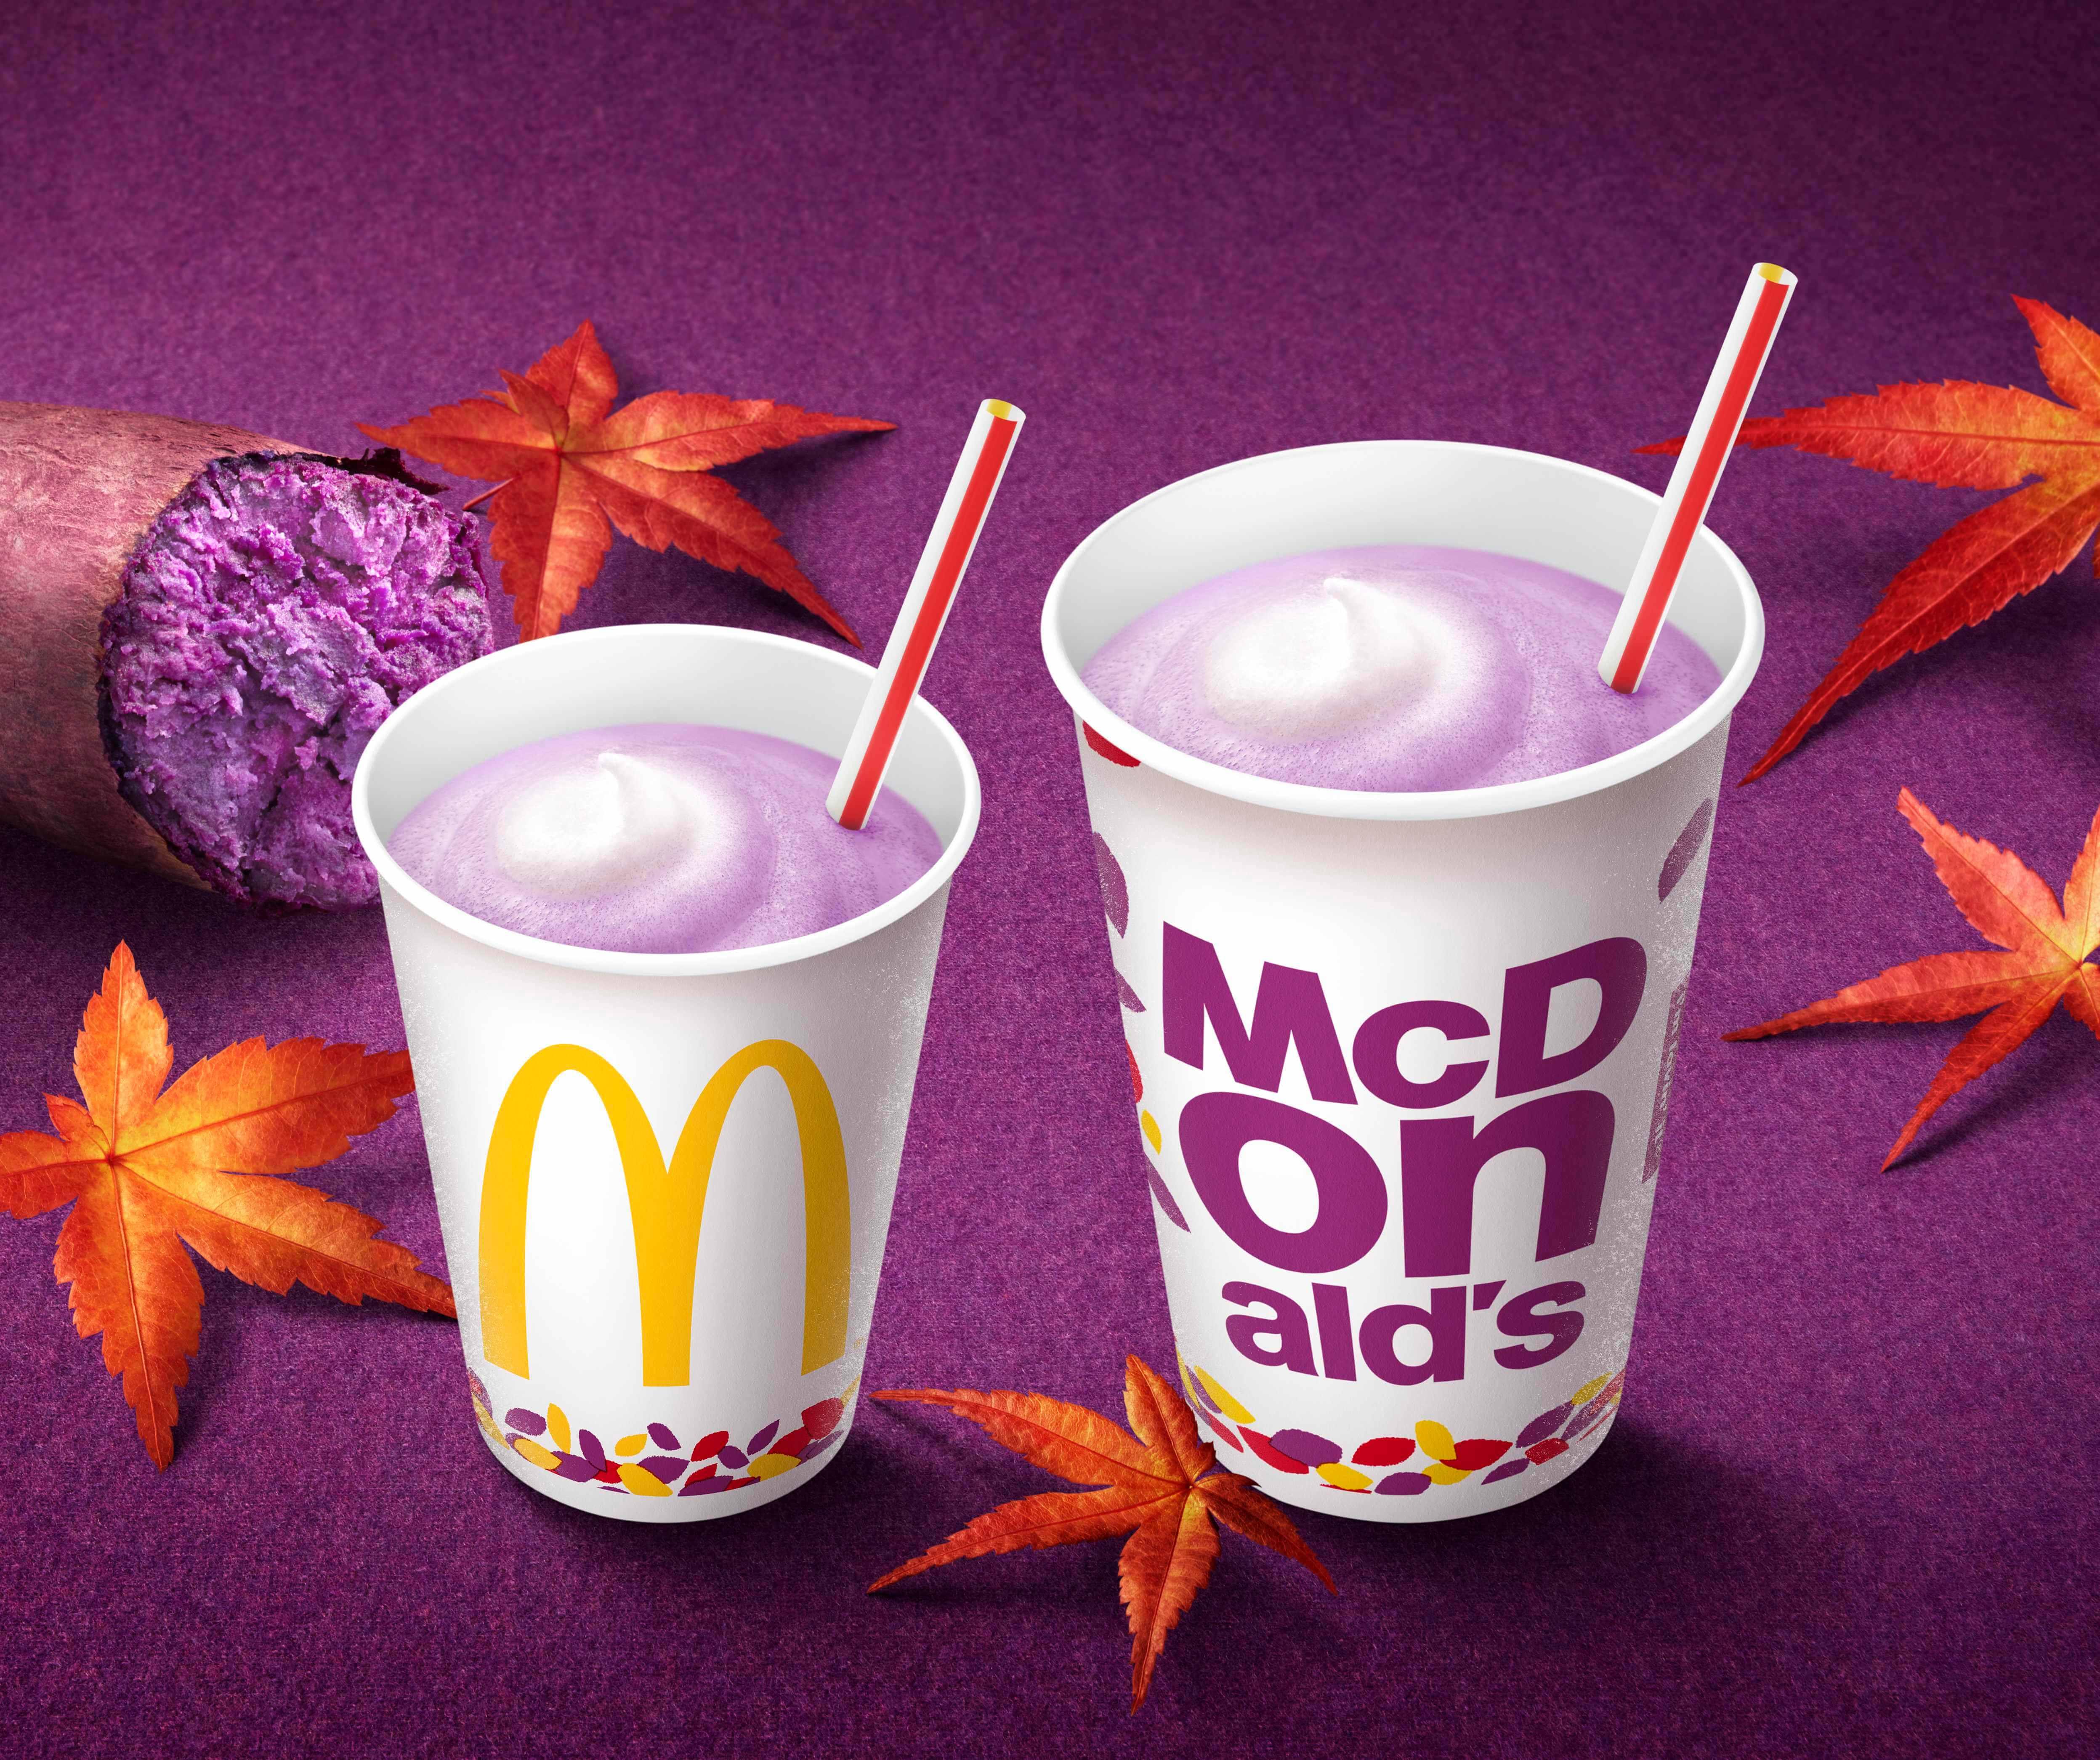 Macdonalds sweetpotato shake_秋のマックシェイク 紫いも